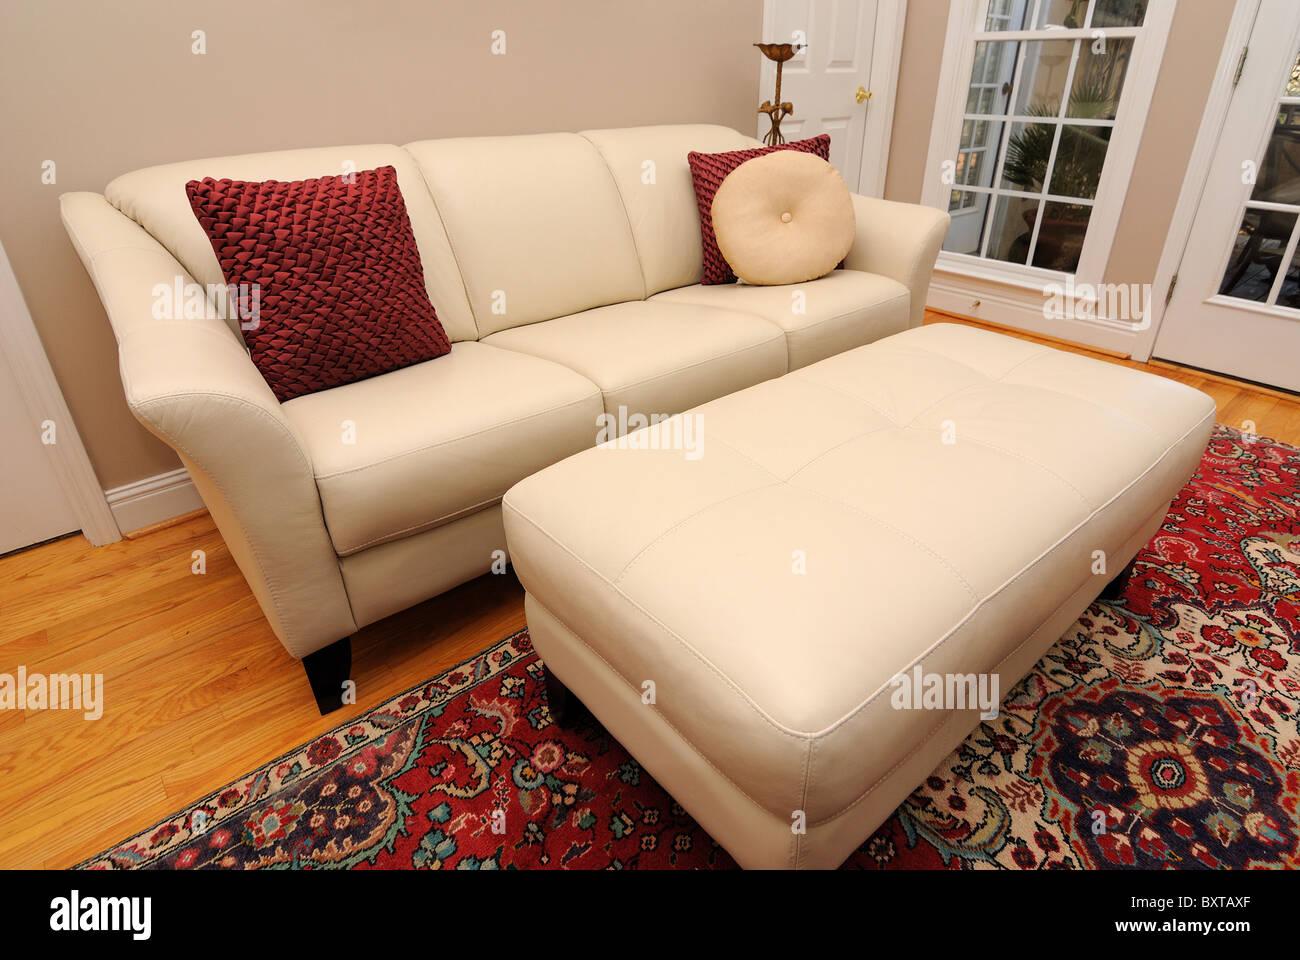 Moderne Wohnzimmer Inneneinrichtung mit Sofa. Stockbild